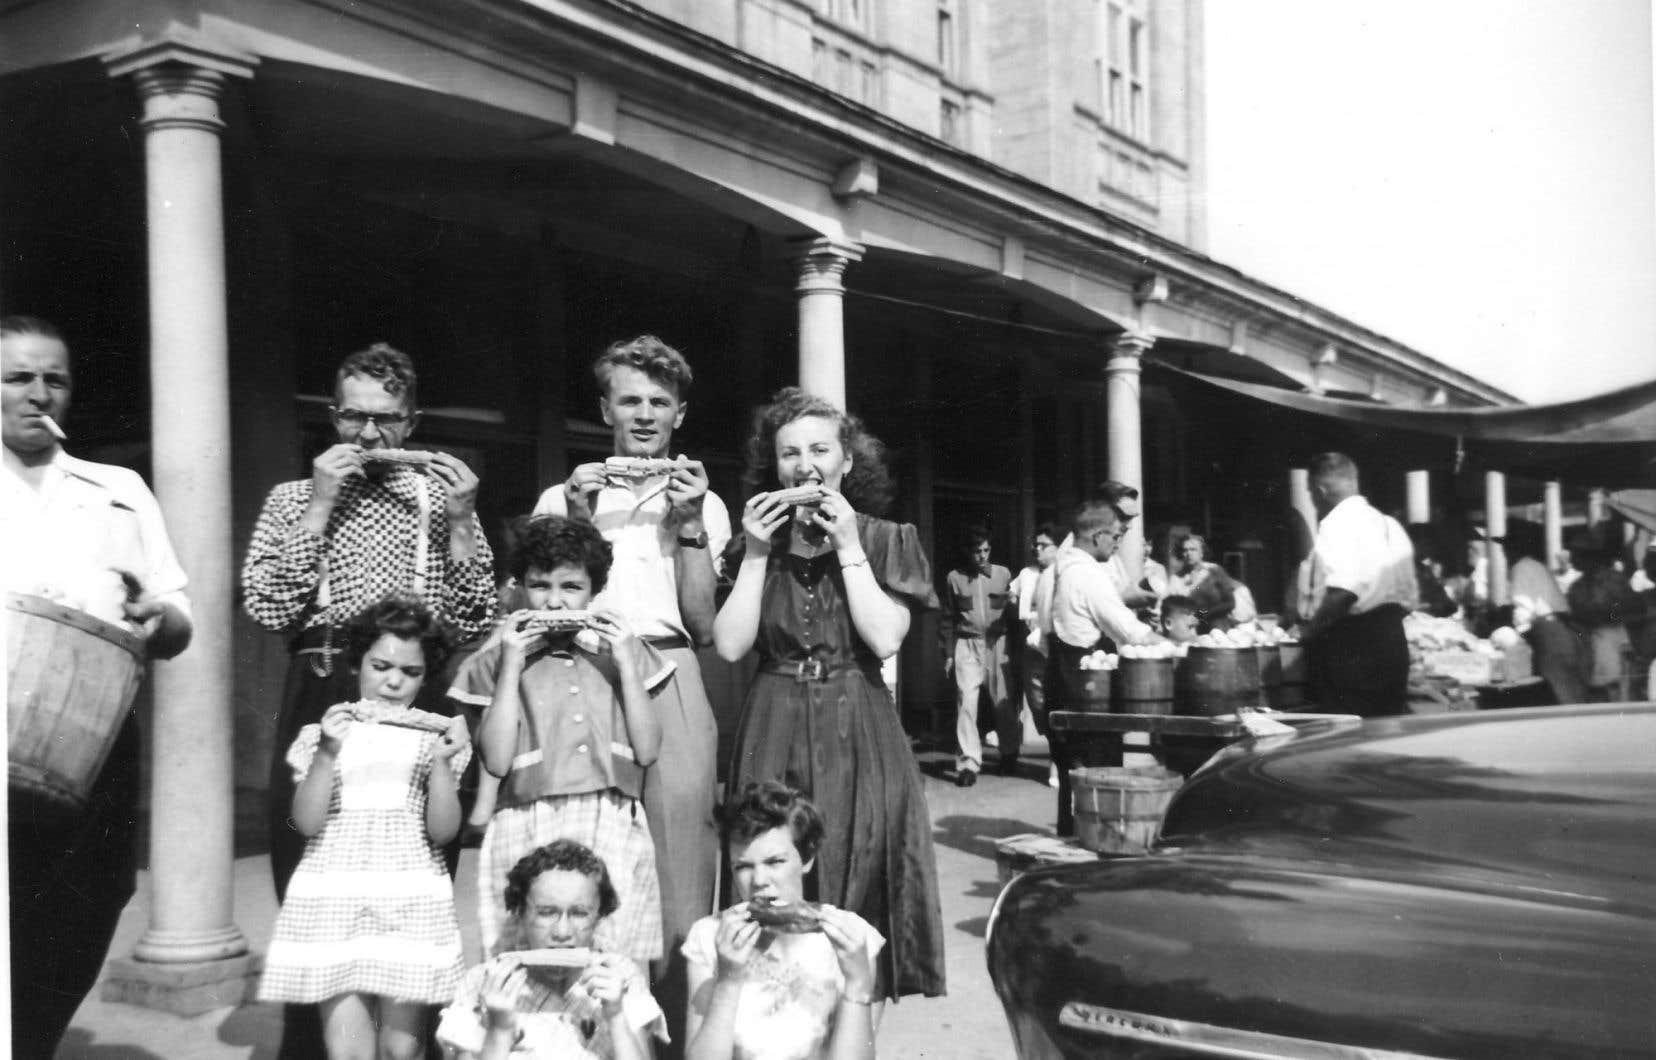 Une famille des années 1950, devant le marché Maisonneuve. À l'époque, la ville de Maisonneuve est une enclave prospère, où les nombreuses usines fournissent des emplois stables. Leur délocalisation, quelques années plus tard, frappera durement le quartier.